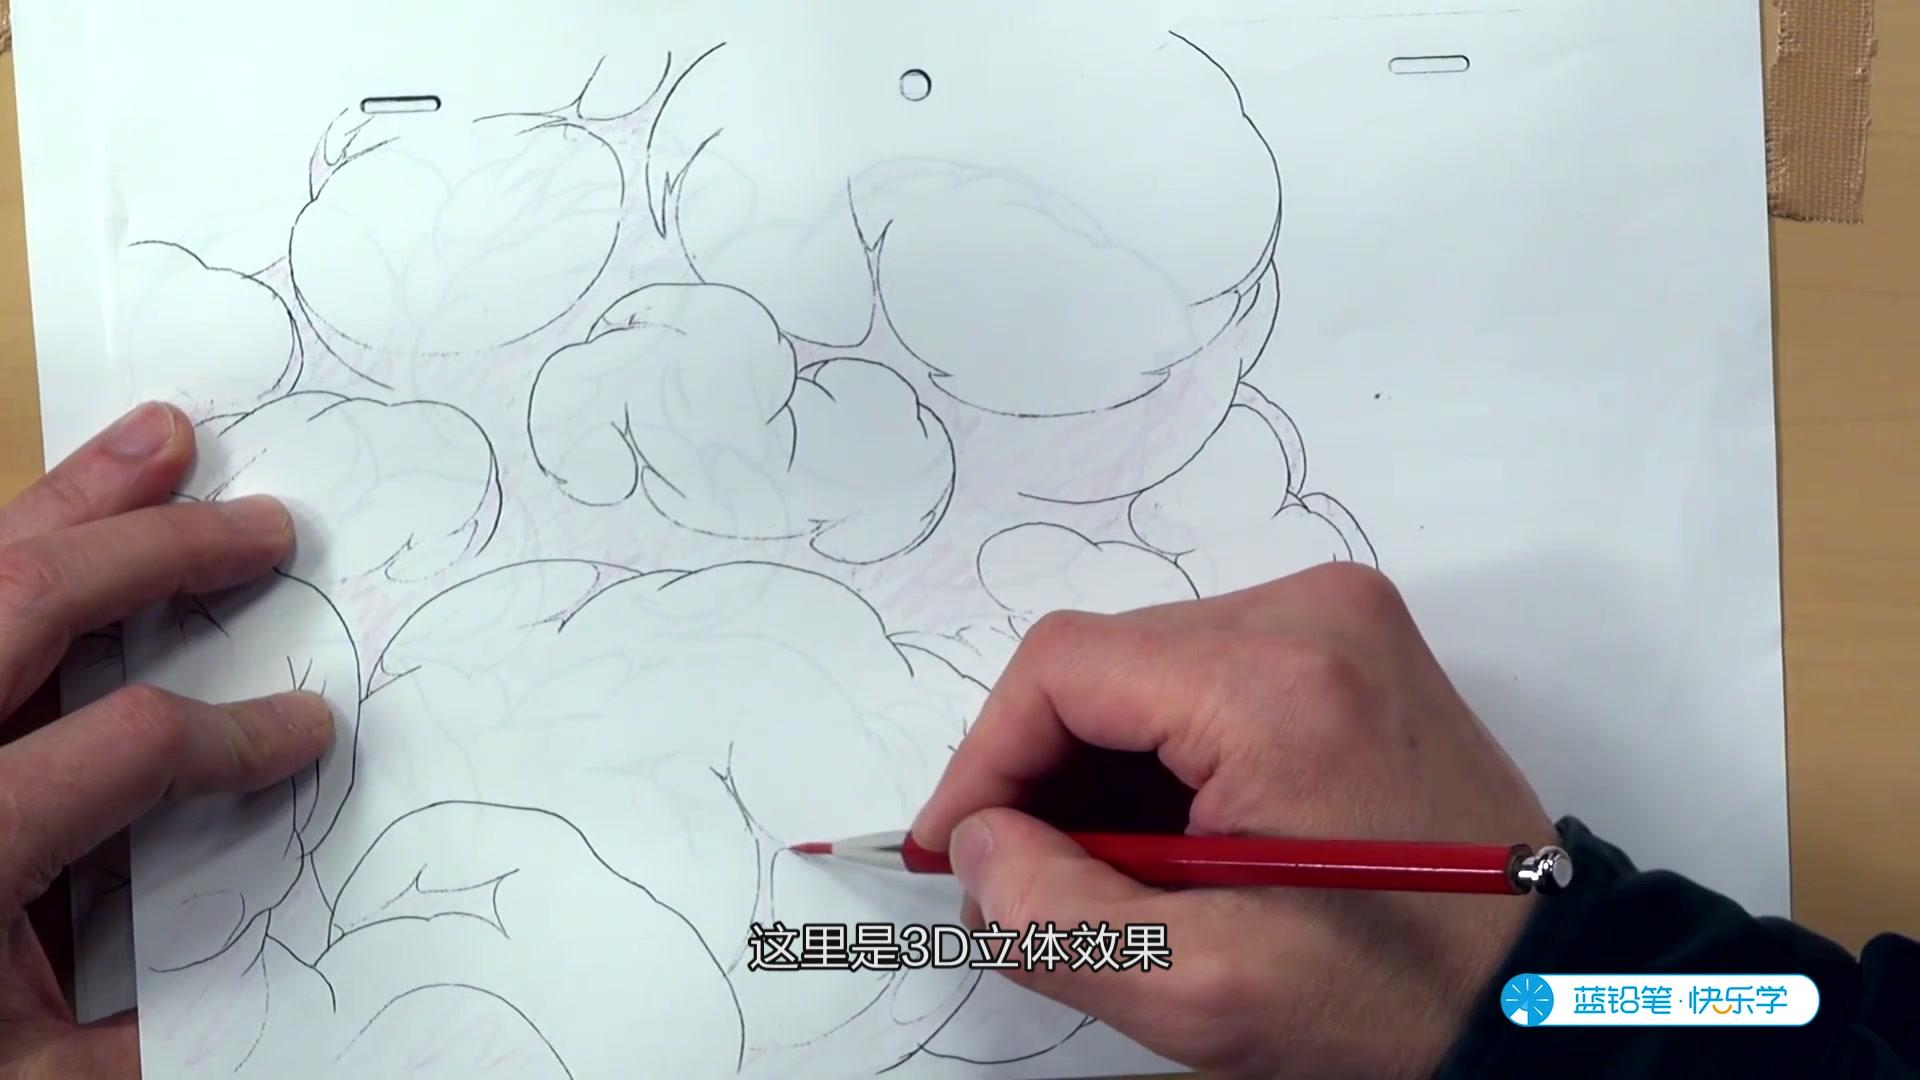 浆细胞红蓝铅笔手绘图